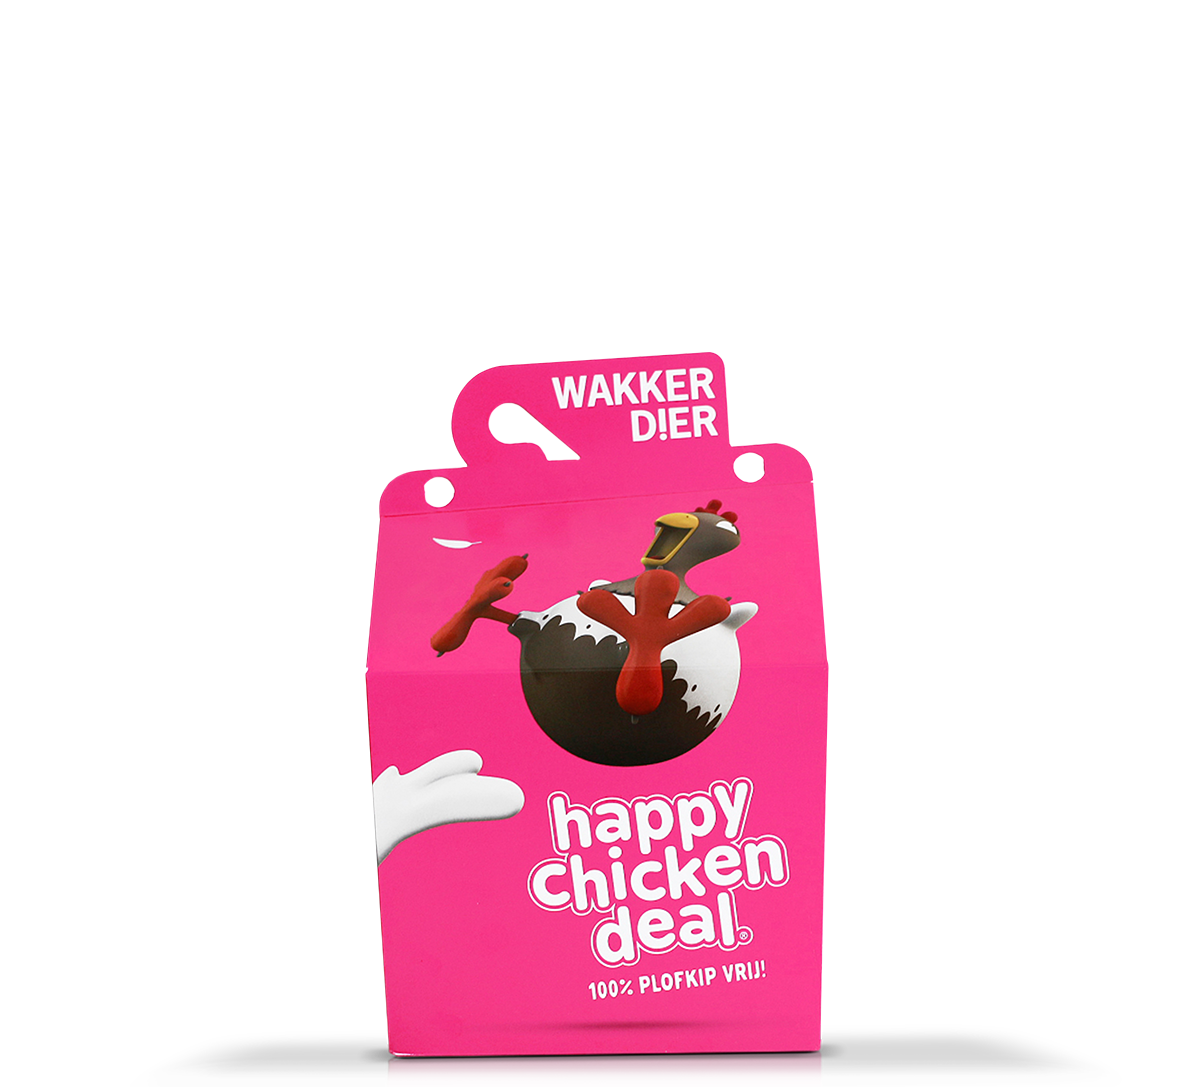 WAKKER_DIER_1_1